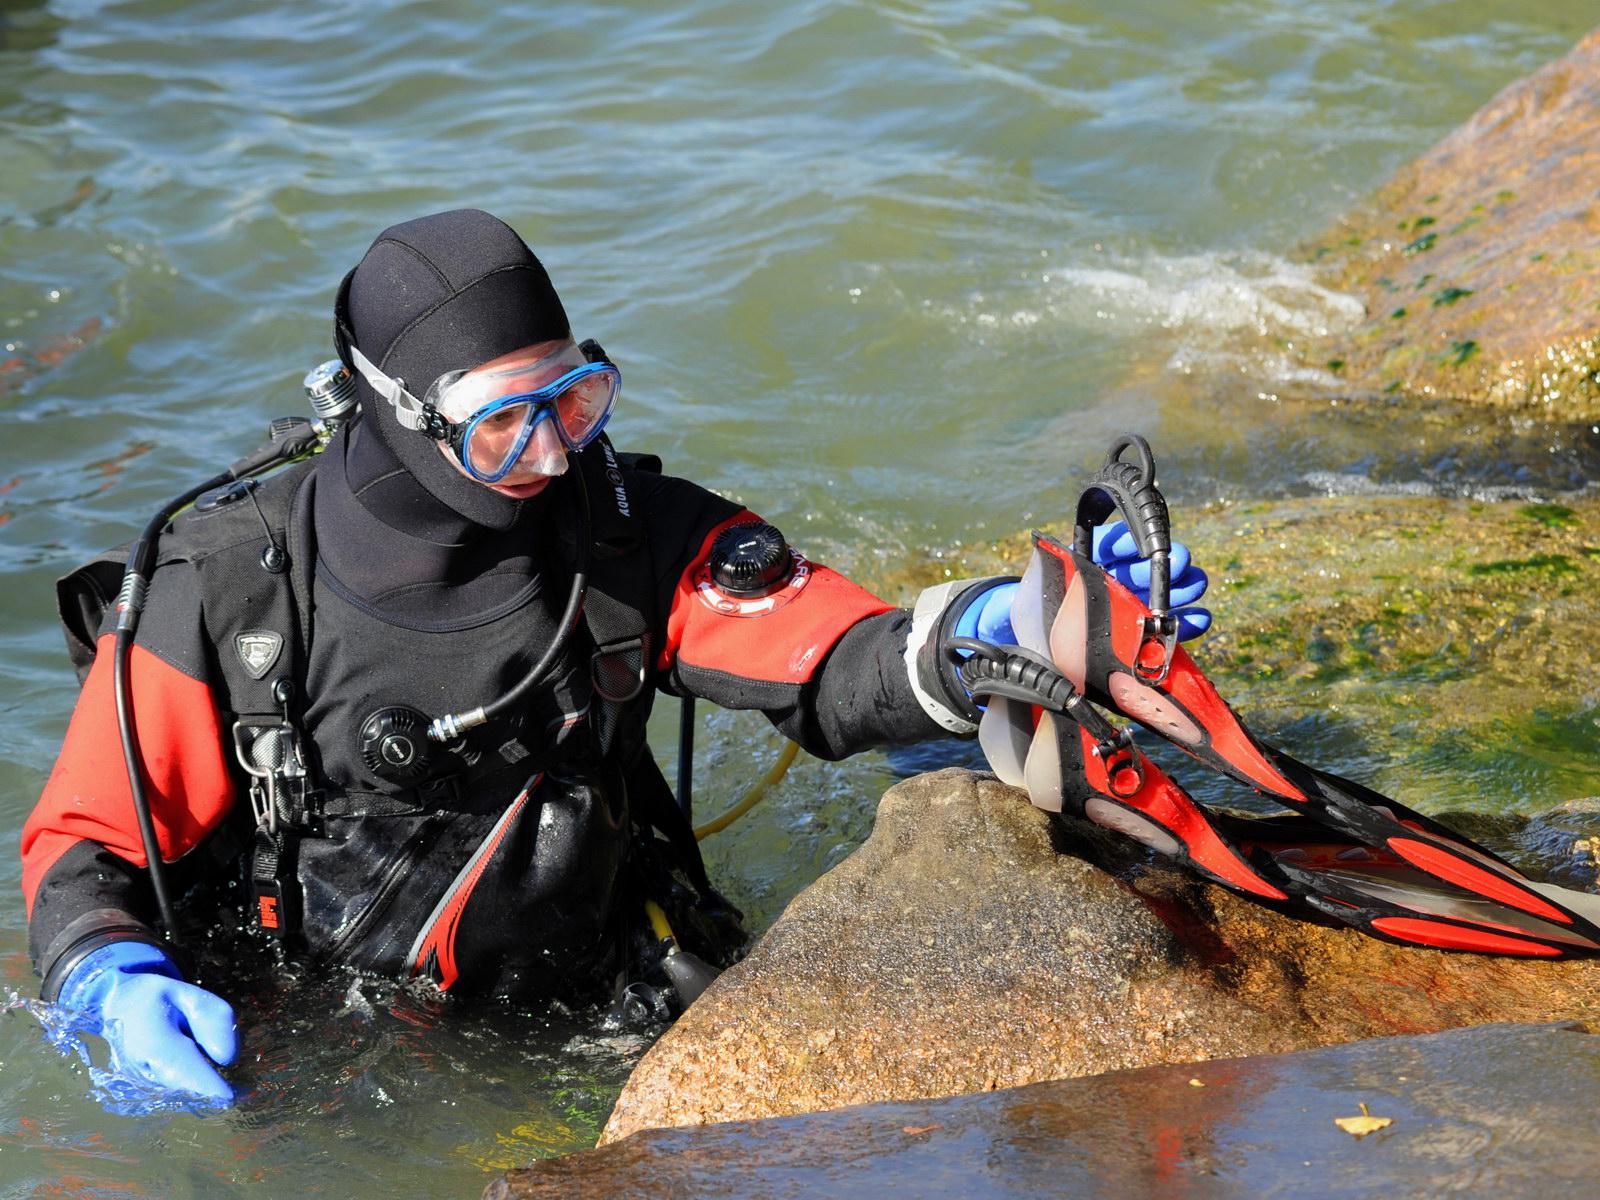 Der PADI Dry Suit Diver-Schüler bereitet sich auf seinen ersten Tauchgang im Trockentauchanzug vor.